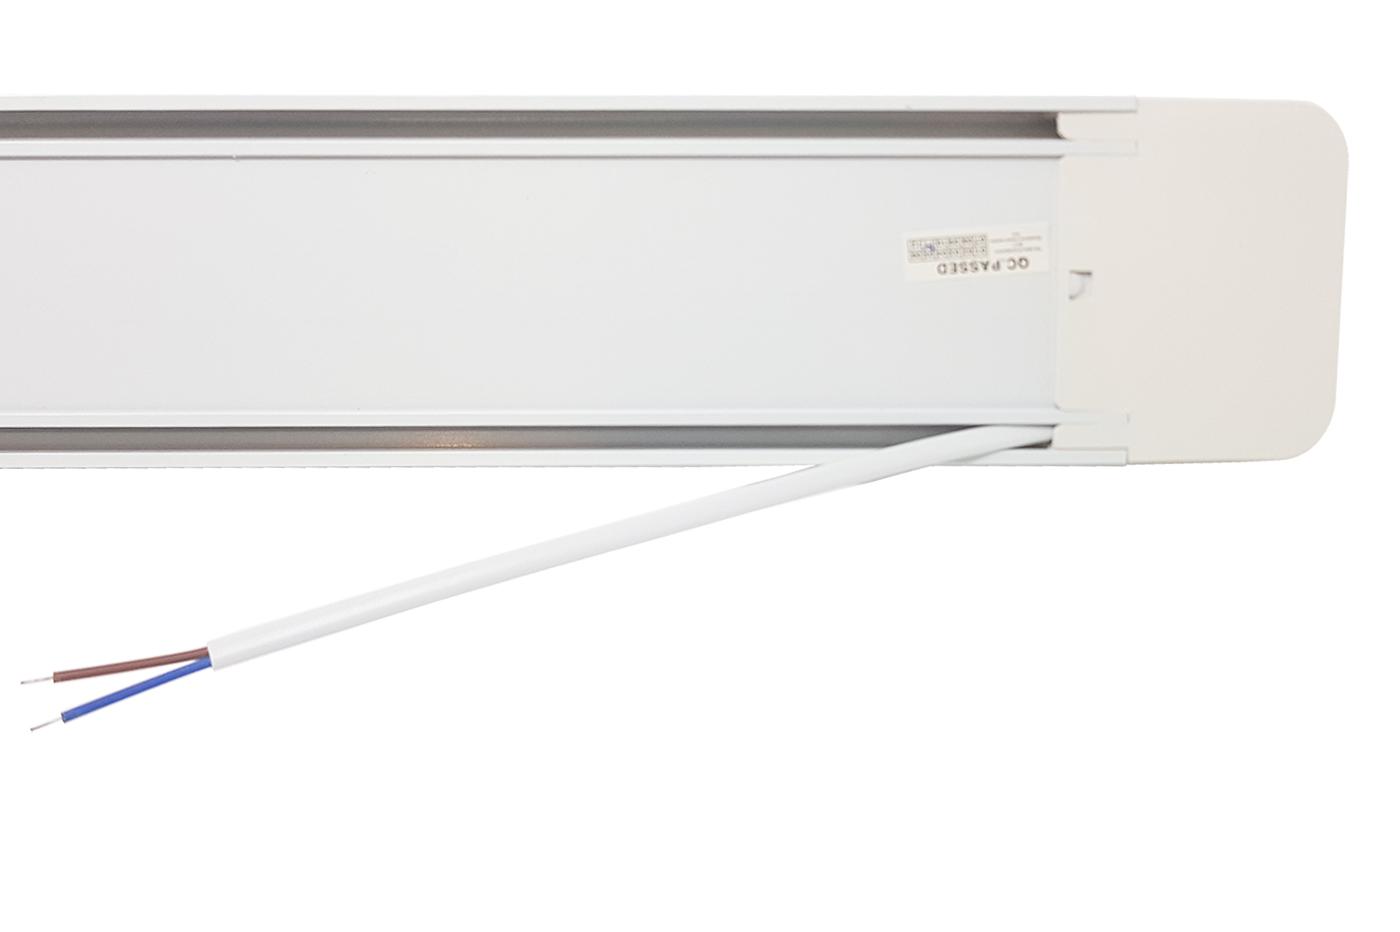 Plafoniera Led 150 Cm Prezzo : Bes plafoniere beselettronica plafoniera led w watt